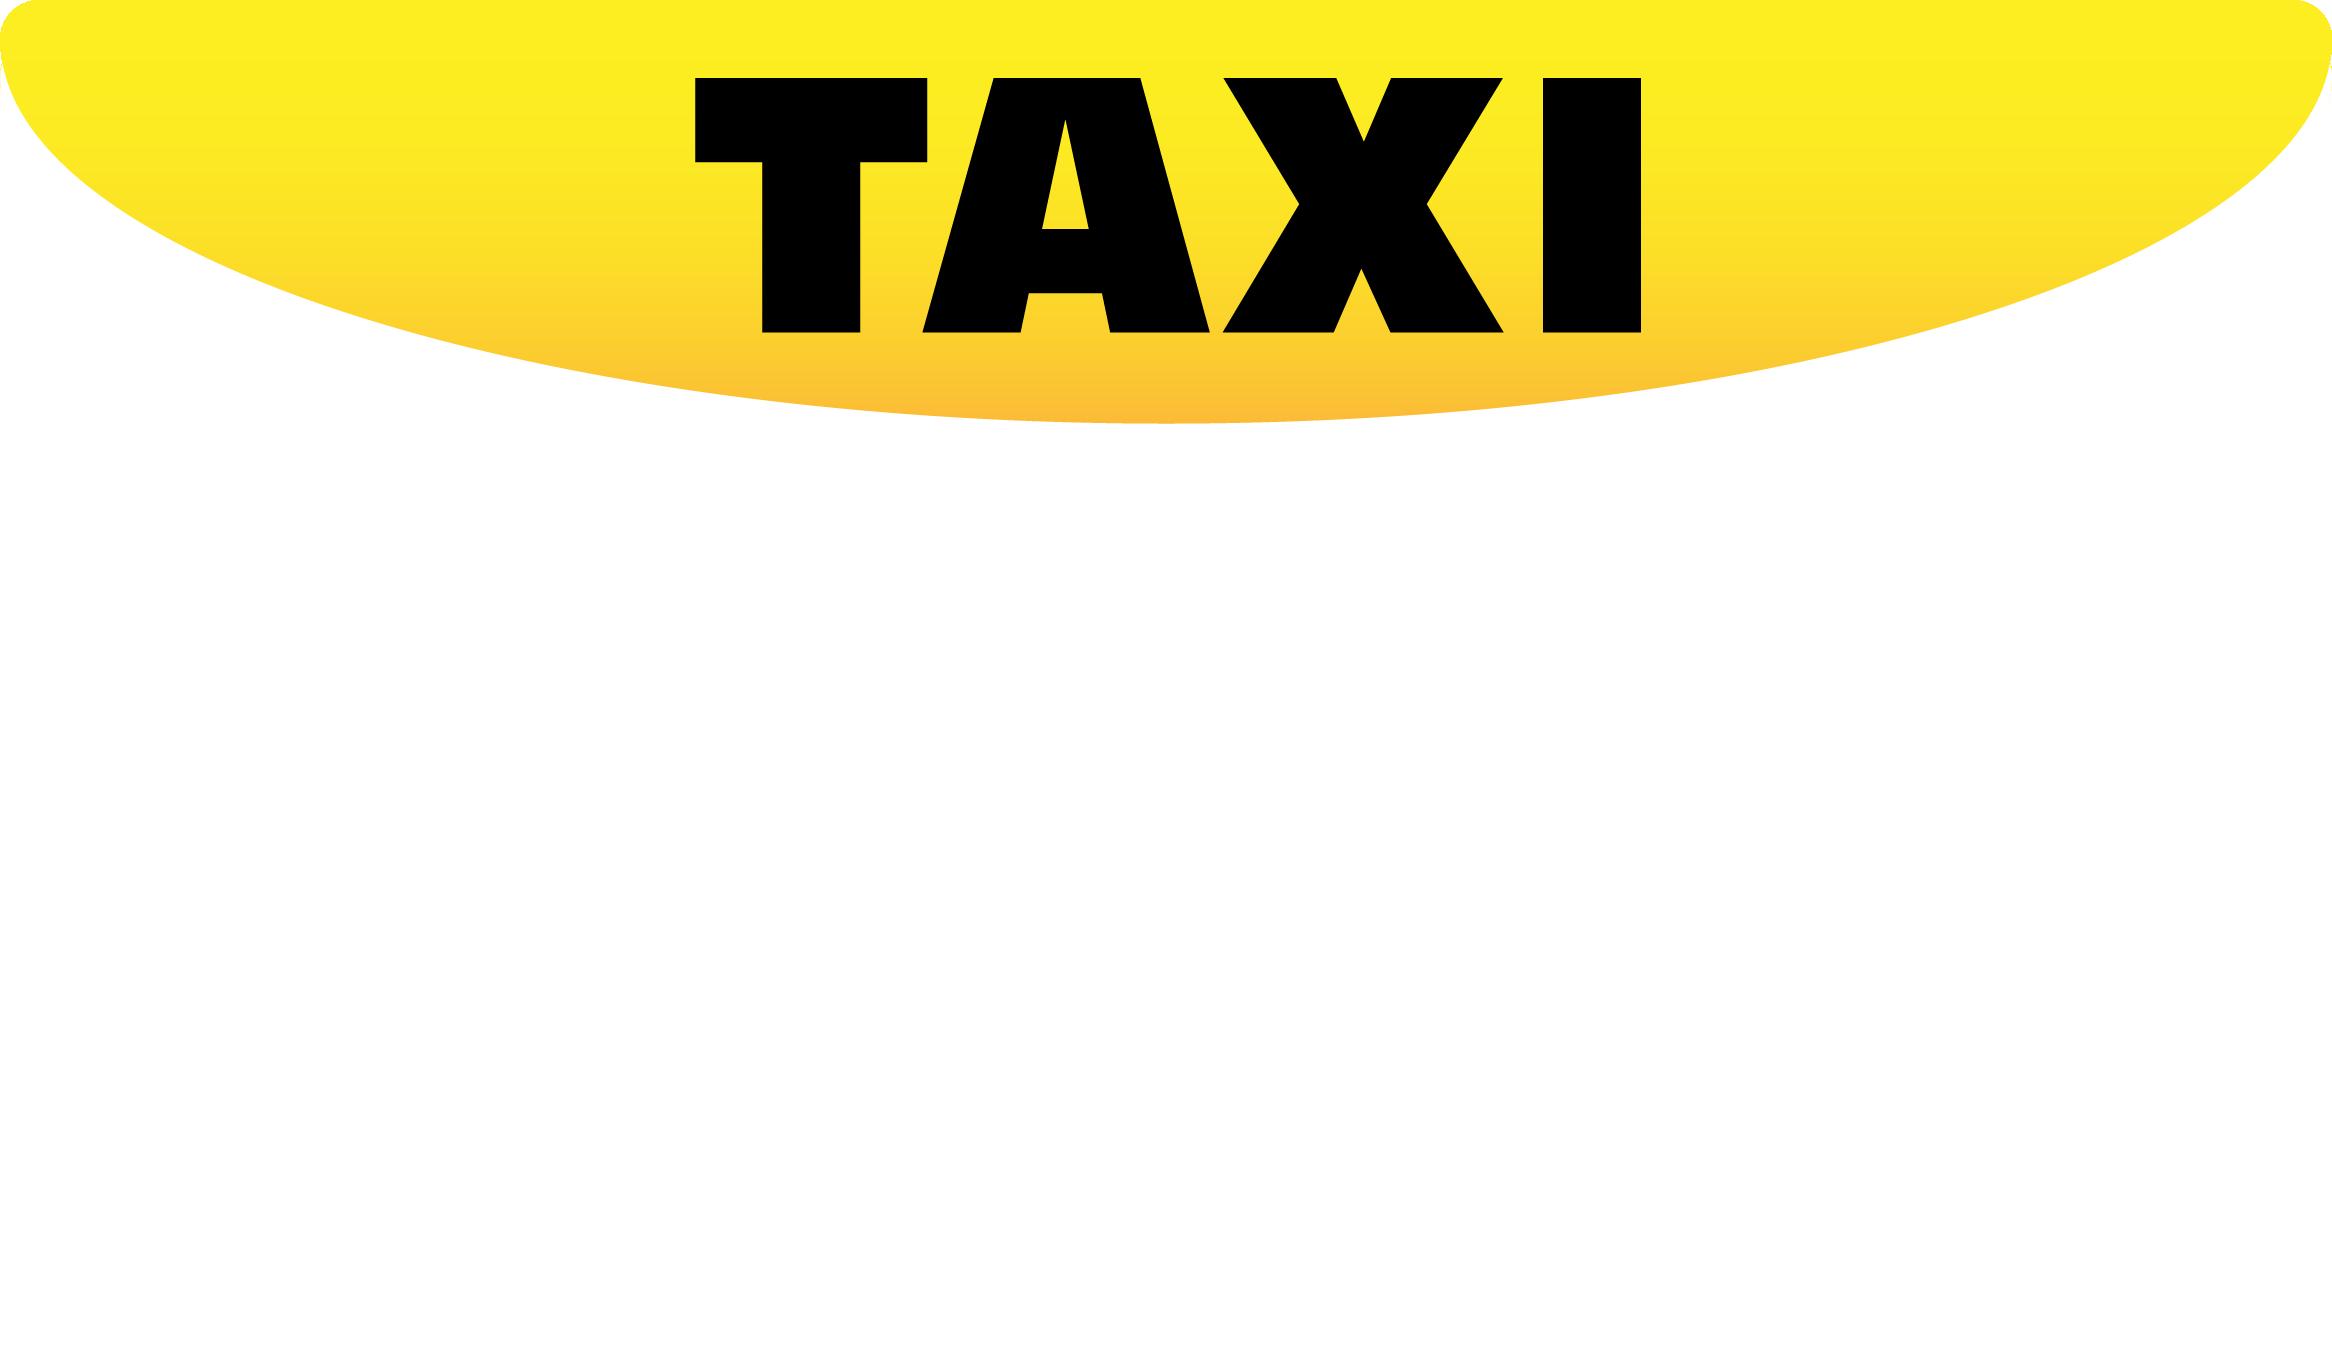 Taxi bestellen?